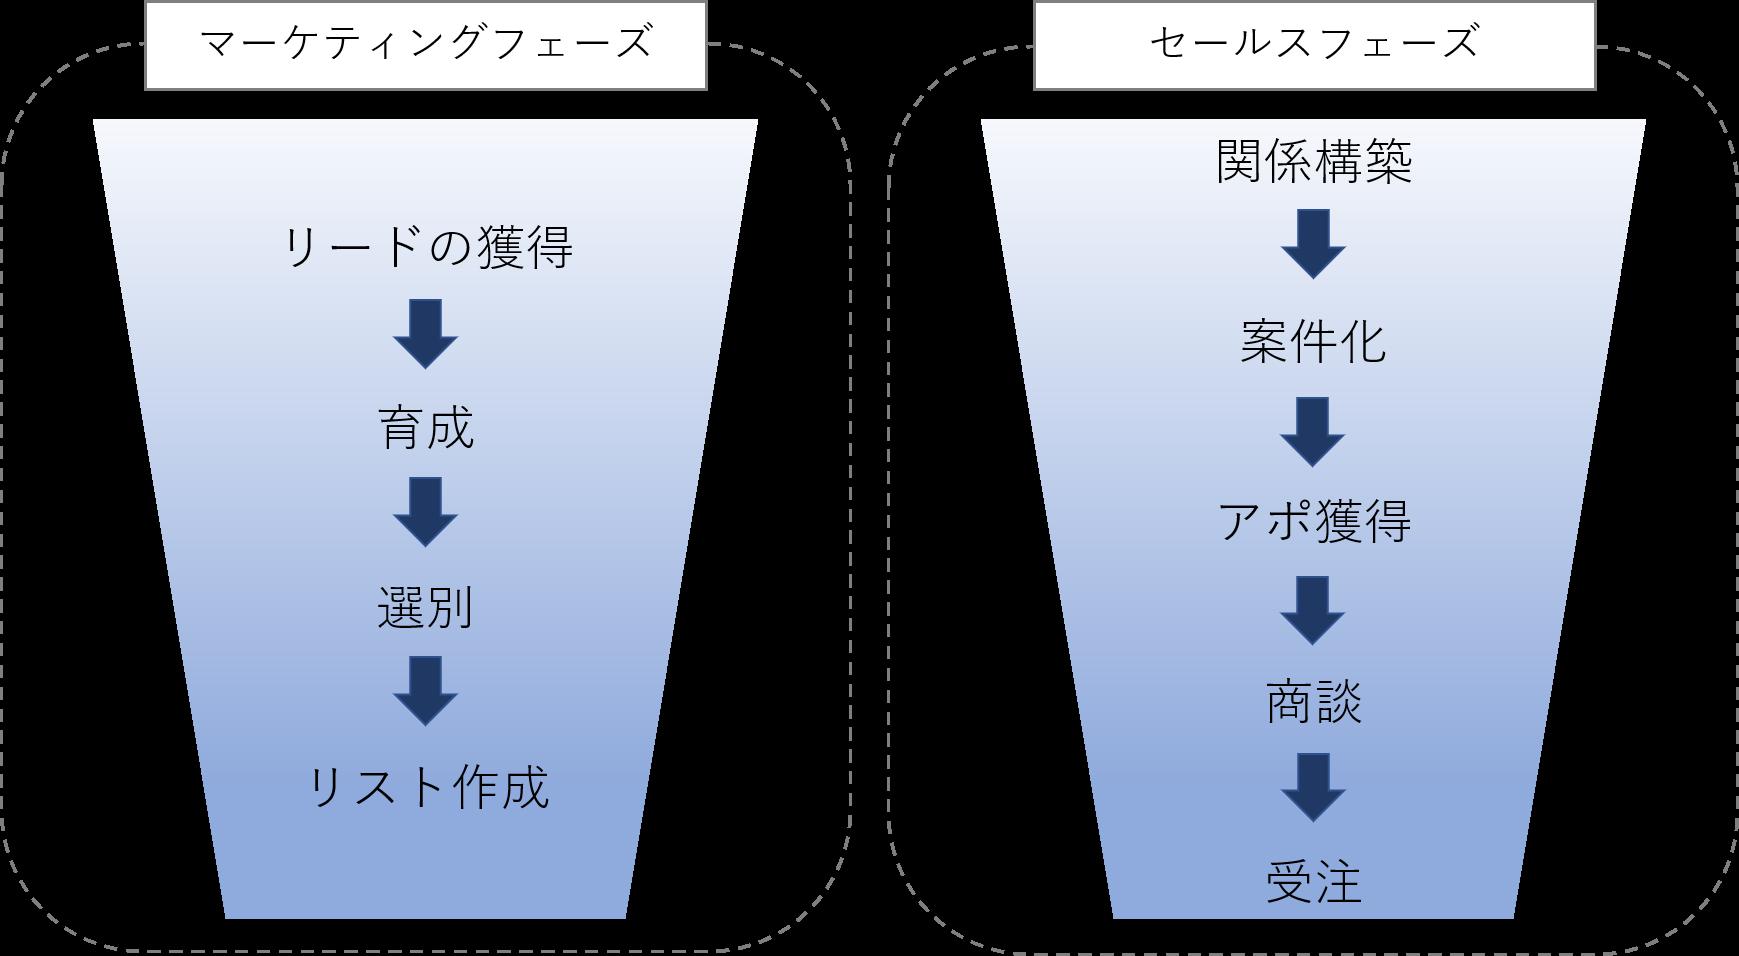 BtoB領域でファネルを活用する場合の各フェーズの違い